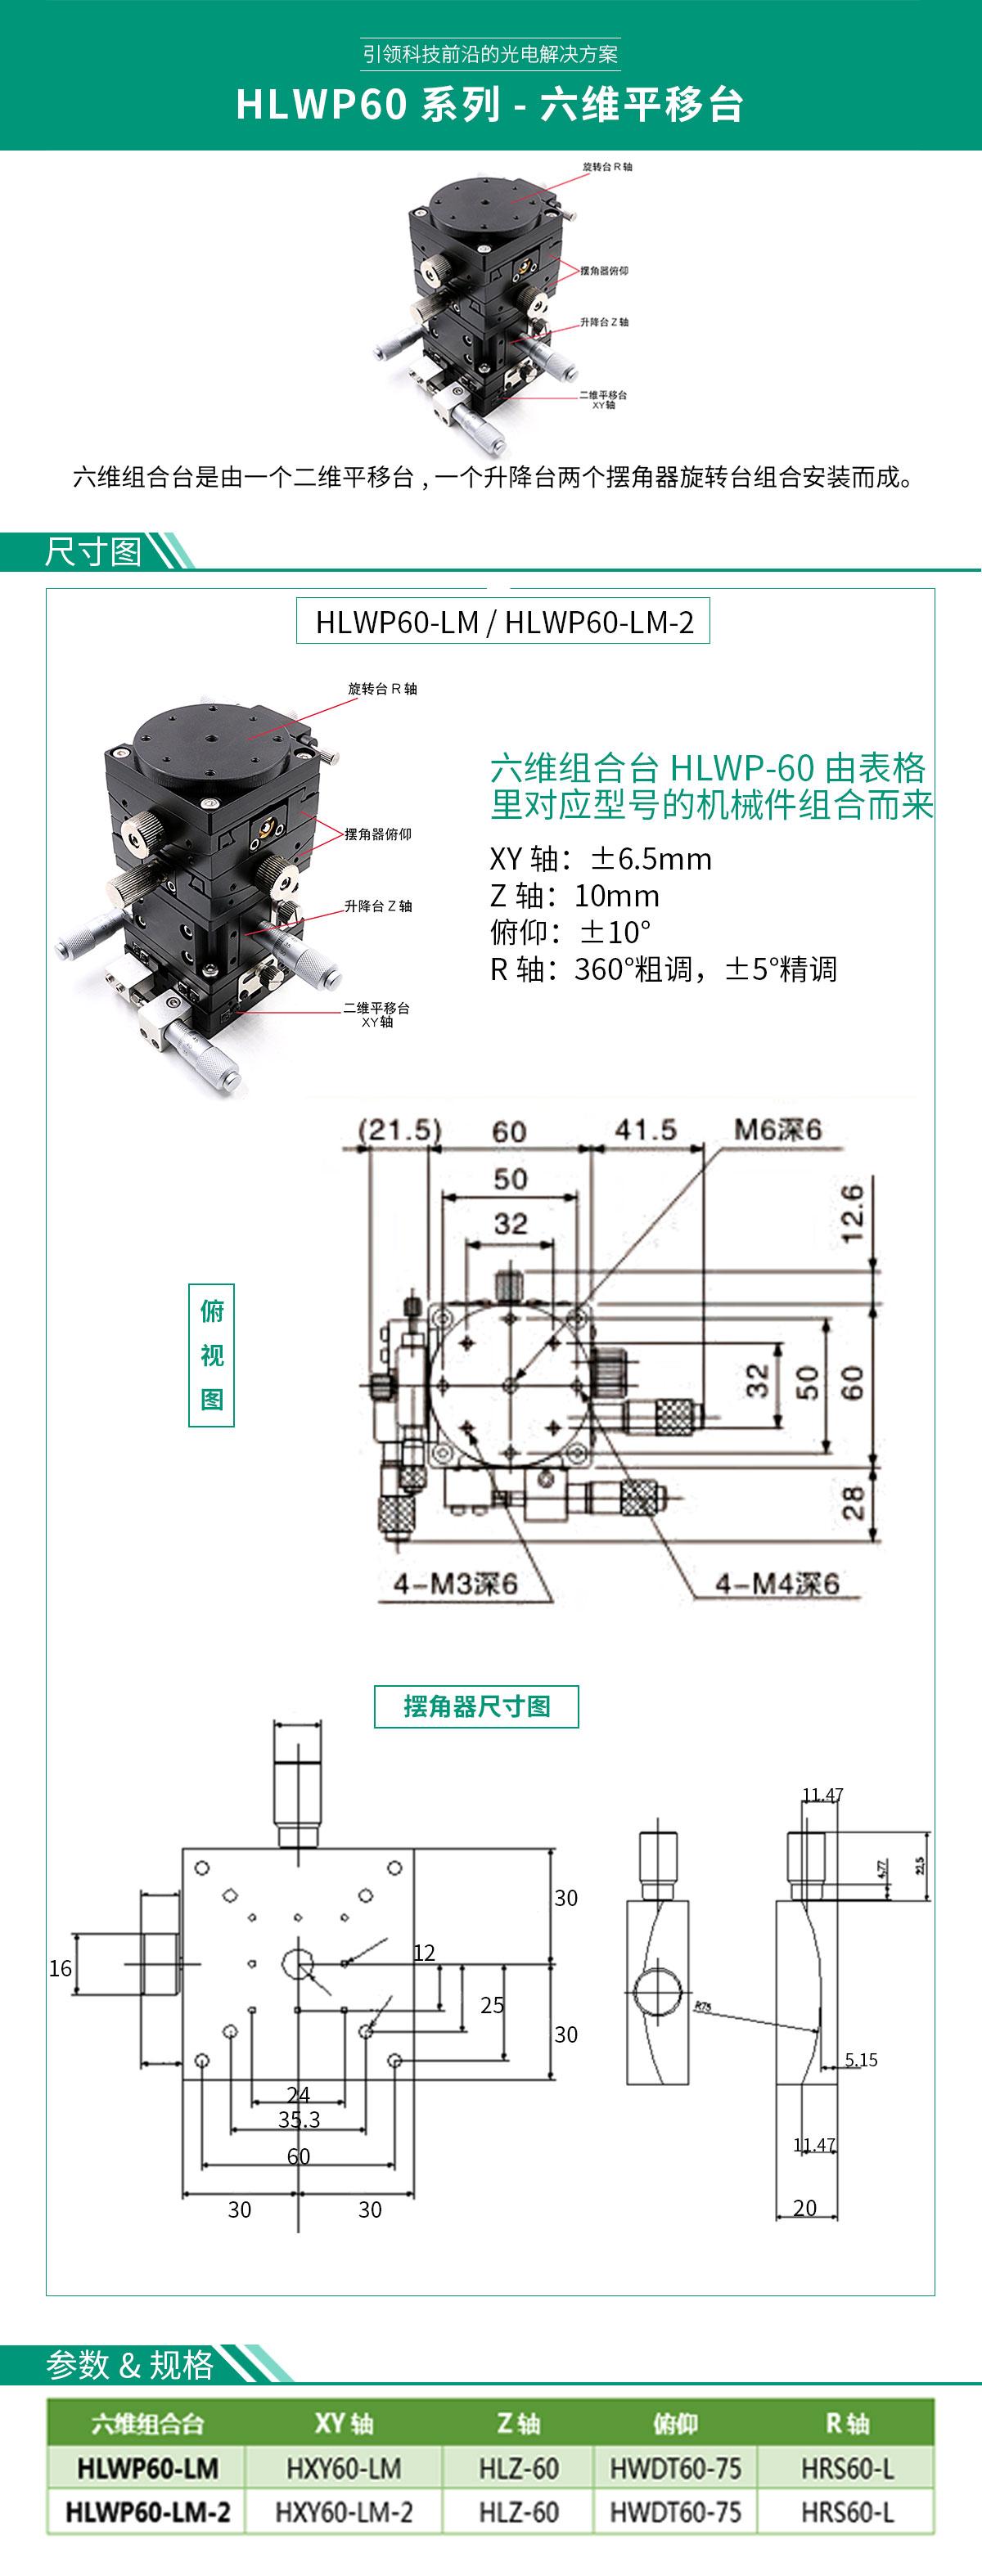 HLWP60系列-六维平移台